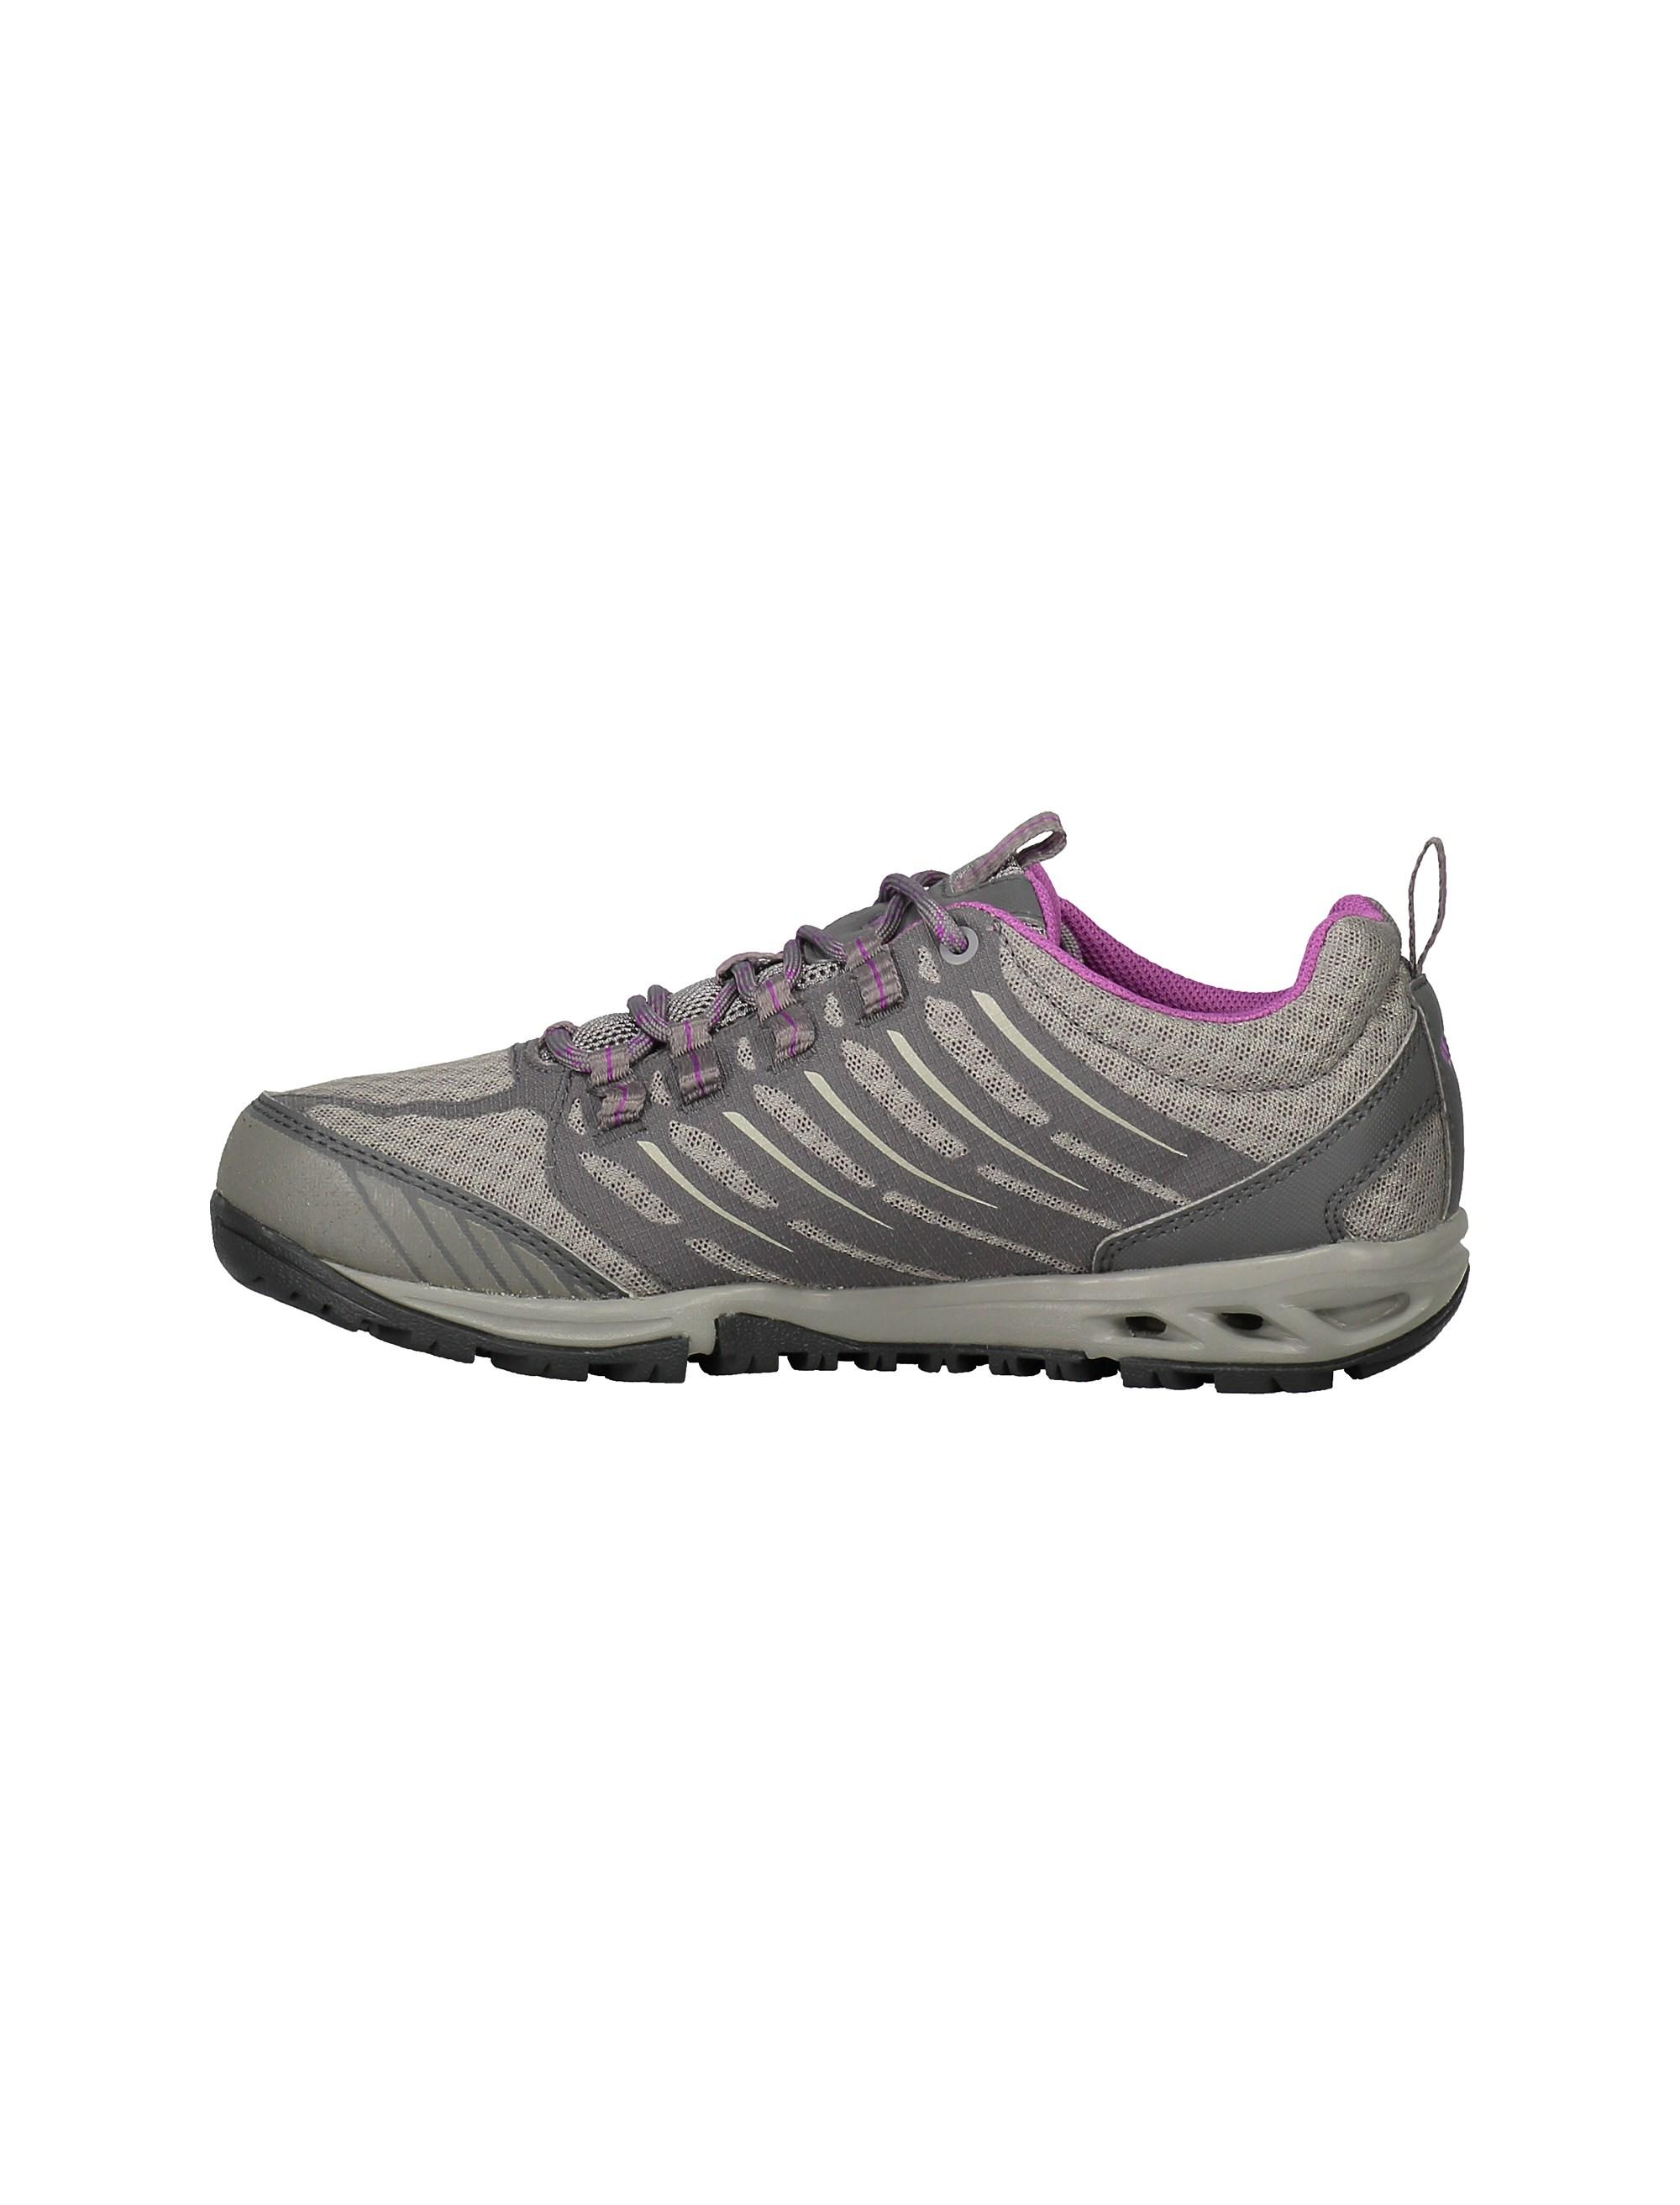 کفش دویدن بندی زنانه Ventrailia Razor Outdry - کلمبیا - طوسي - 3